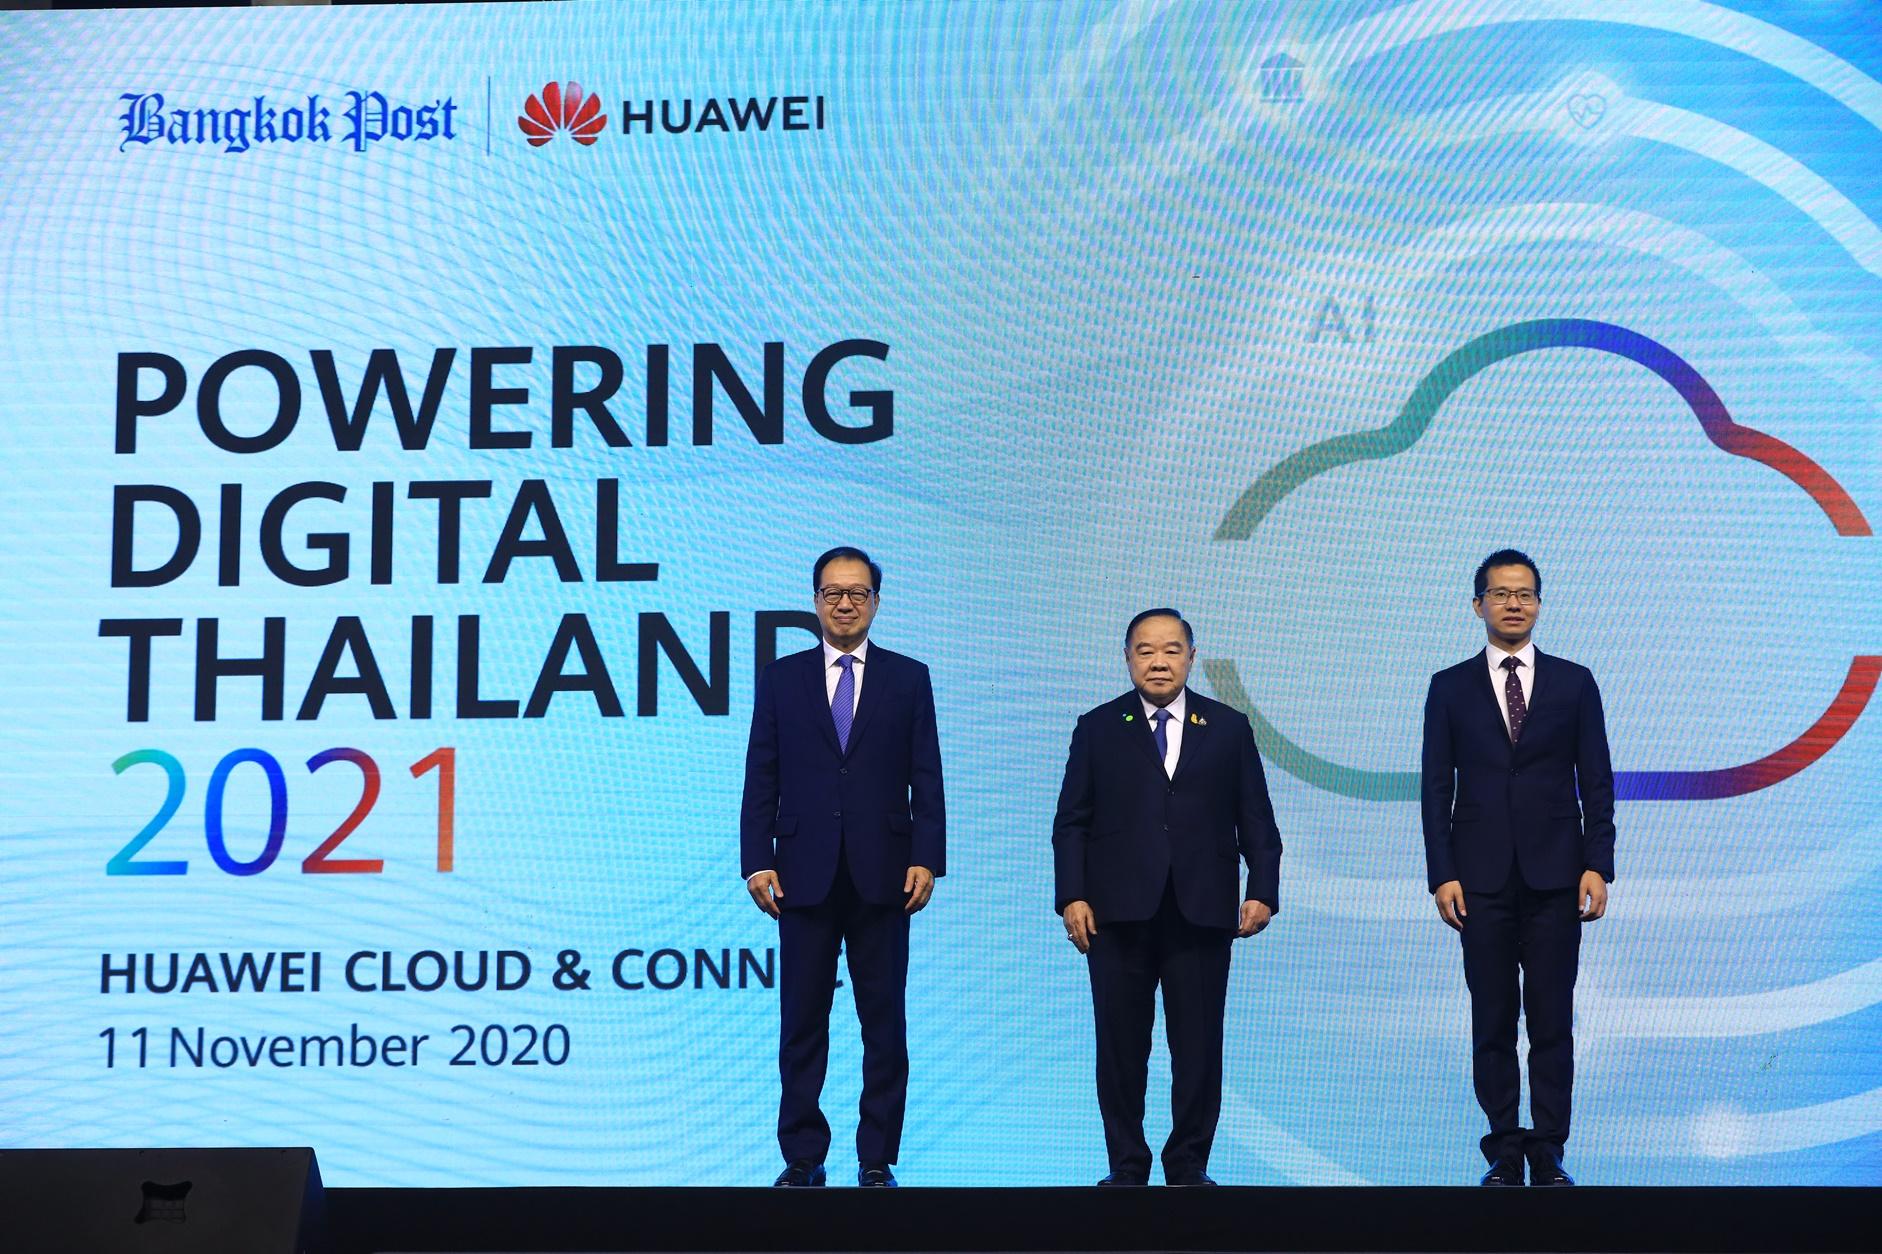 หัวเว่ยเสริมศักยภาพไทยสู่ดิจิทัลฮับแห่งอาเซียน ด้วยการผสานนวัตกรรมเทคโนโลยี